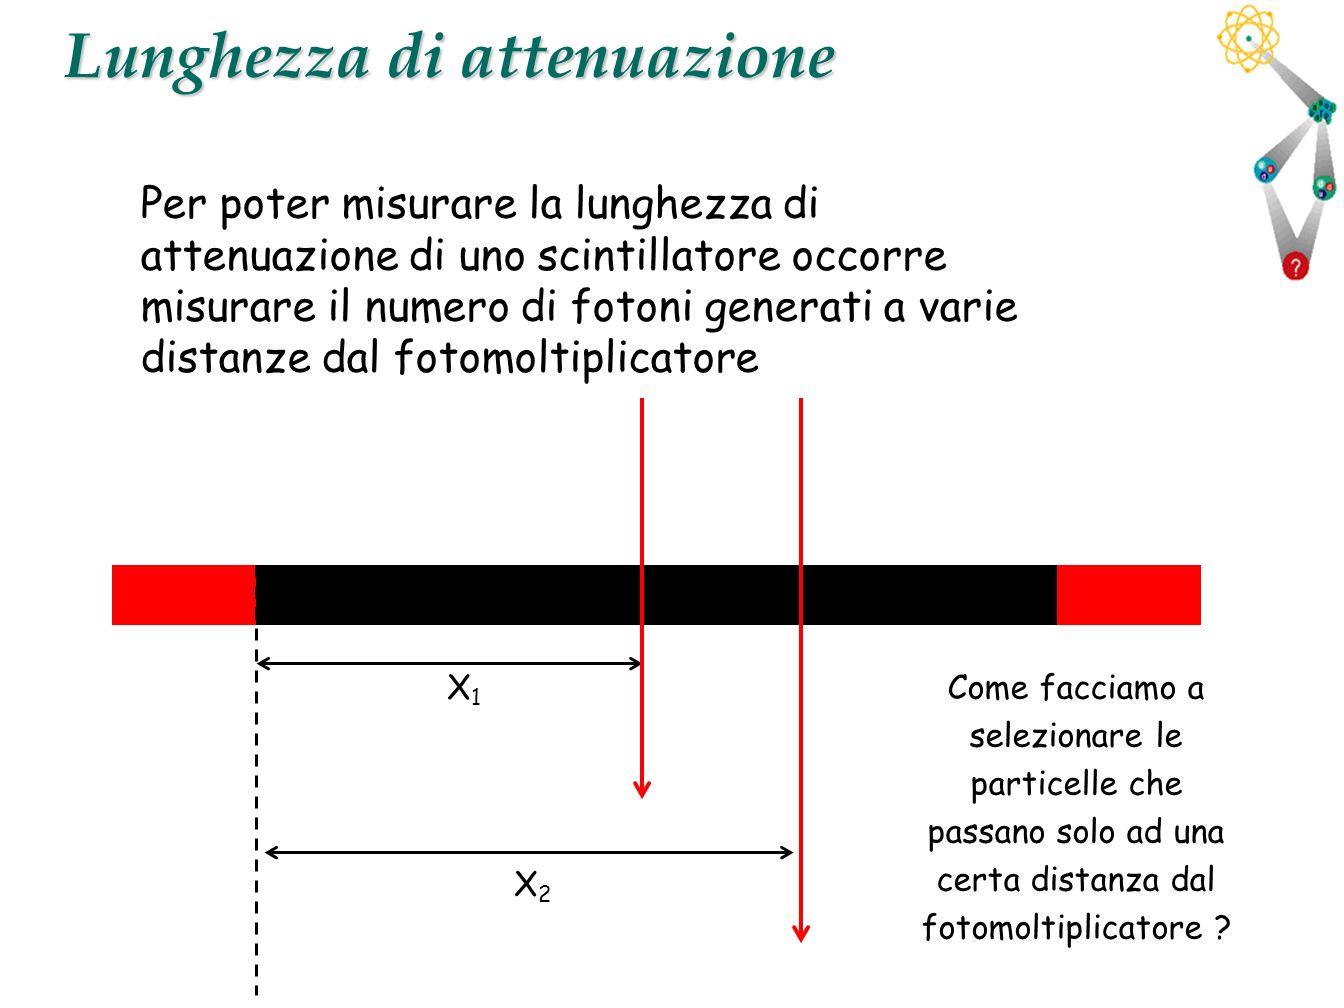 35 Lunghezza di attenuazione Per poter misurare la lunghezza di attenuazione di uno scintillatore occorre misurare il numero di fotoni generati a vari